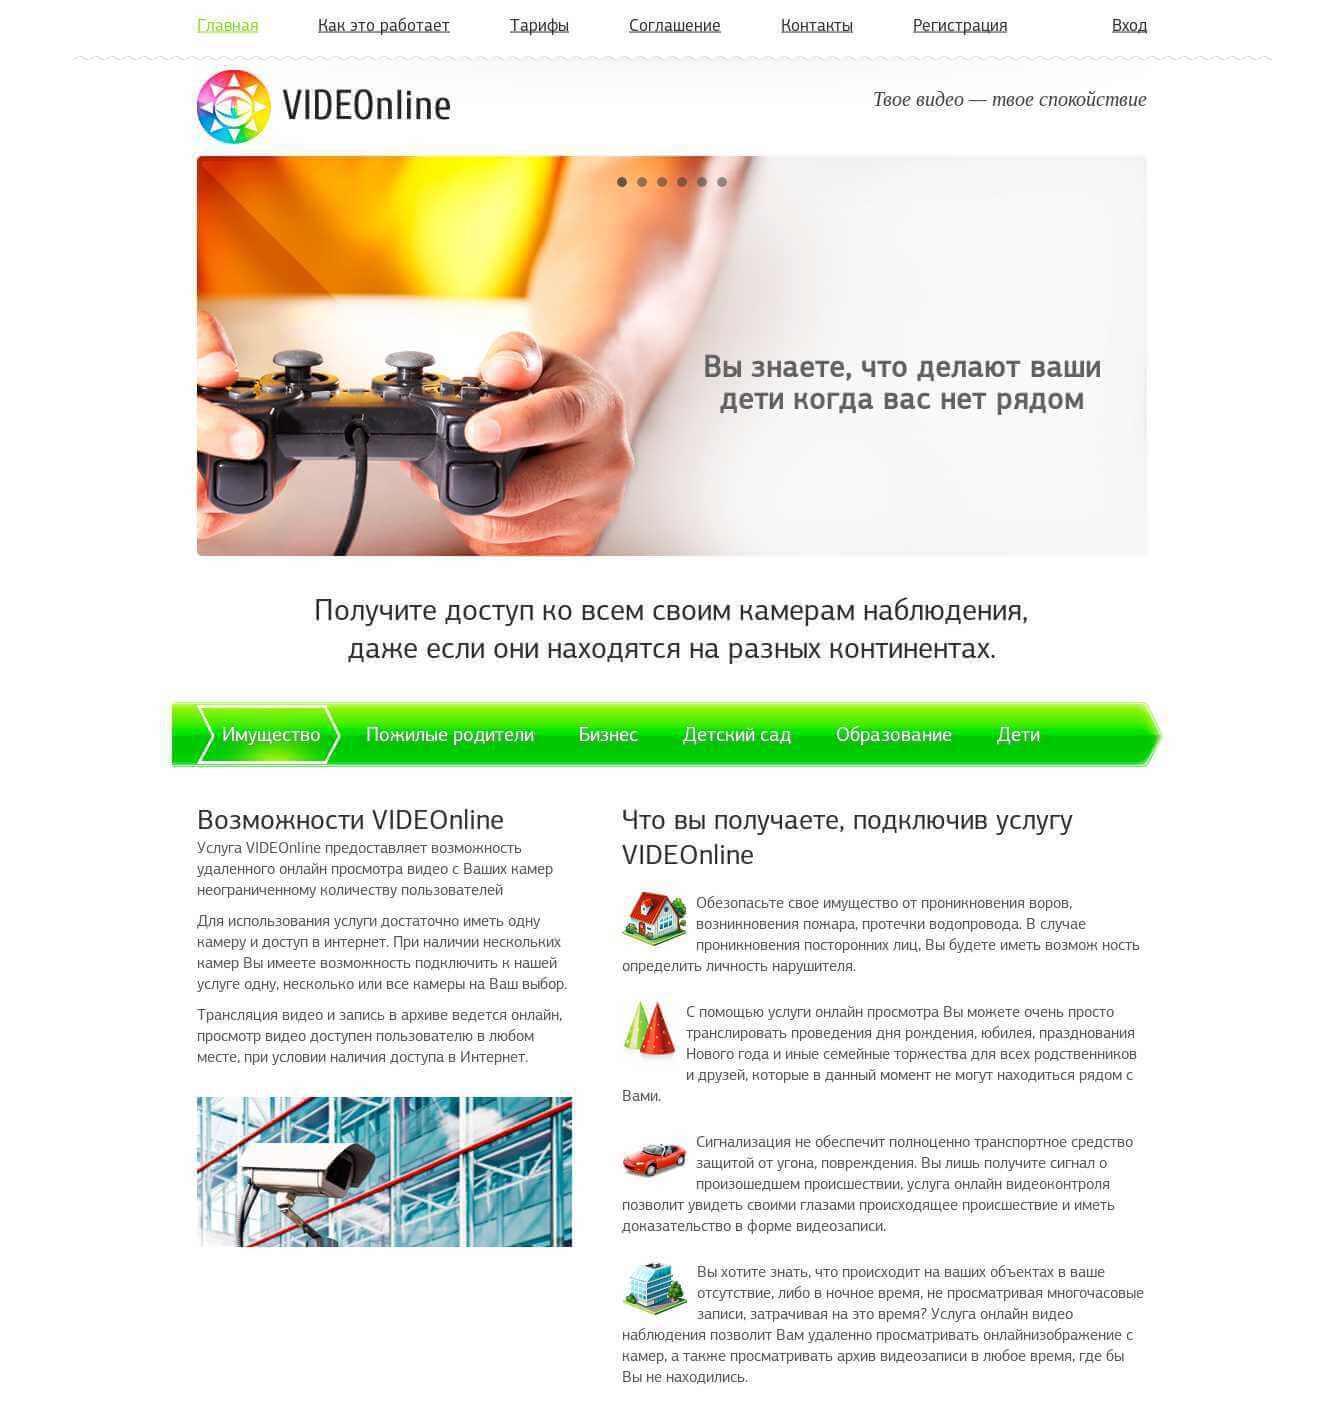 Разработка Landing Page для компании устанавливающей видеонаблюдение